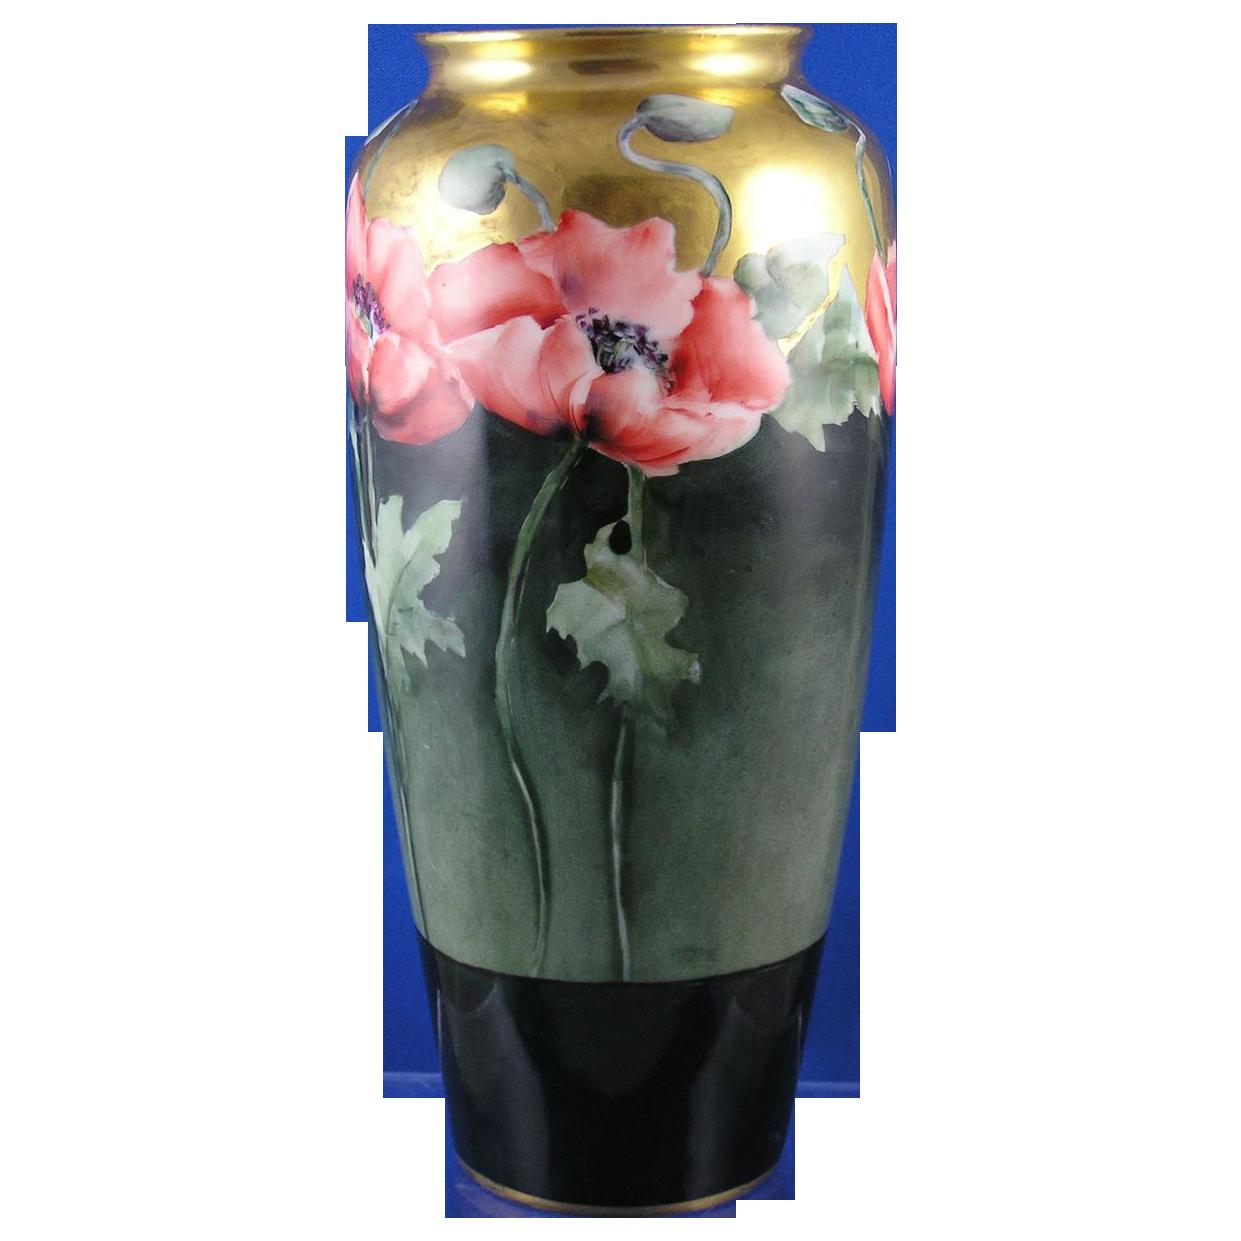 Rosenthal Bavaria Arts & Crafts Poppy Motif Vase (c.1901-1940)